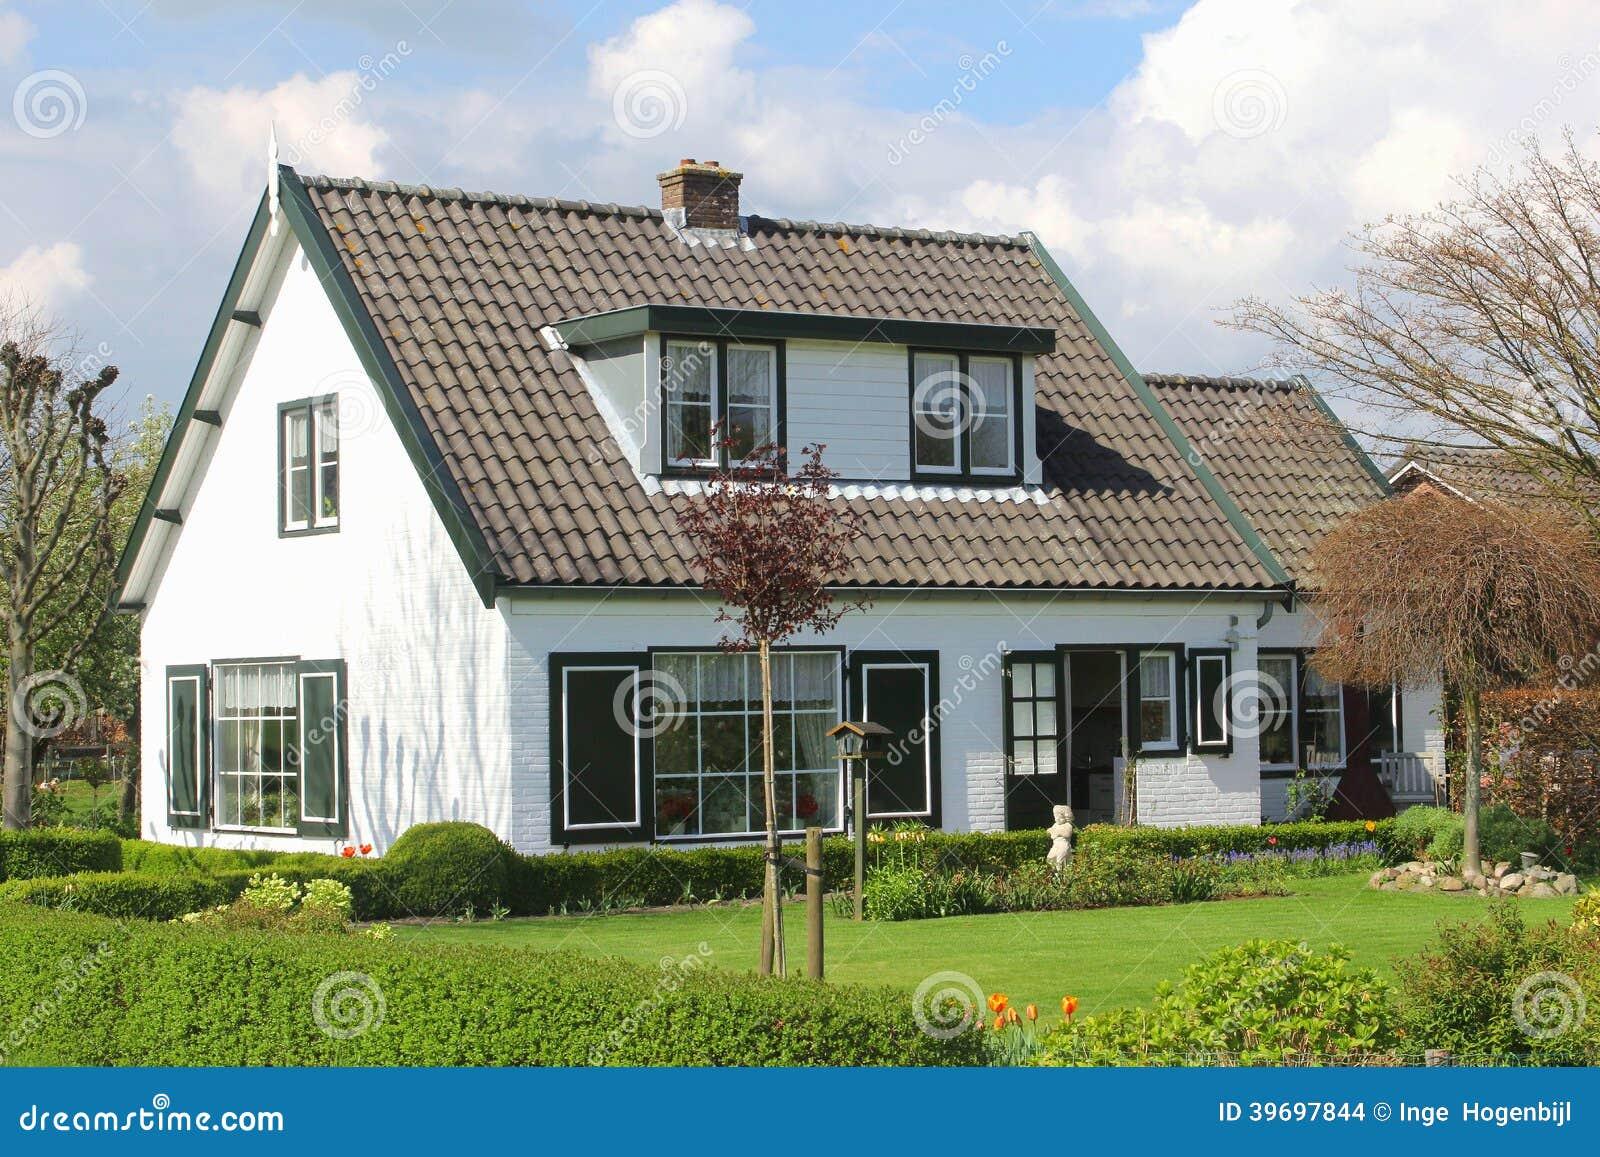 Modern landelijk huis met tuin in holland stock foto afbeelding 39697844 - Huis in de tuin ...